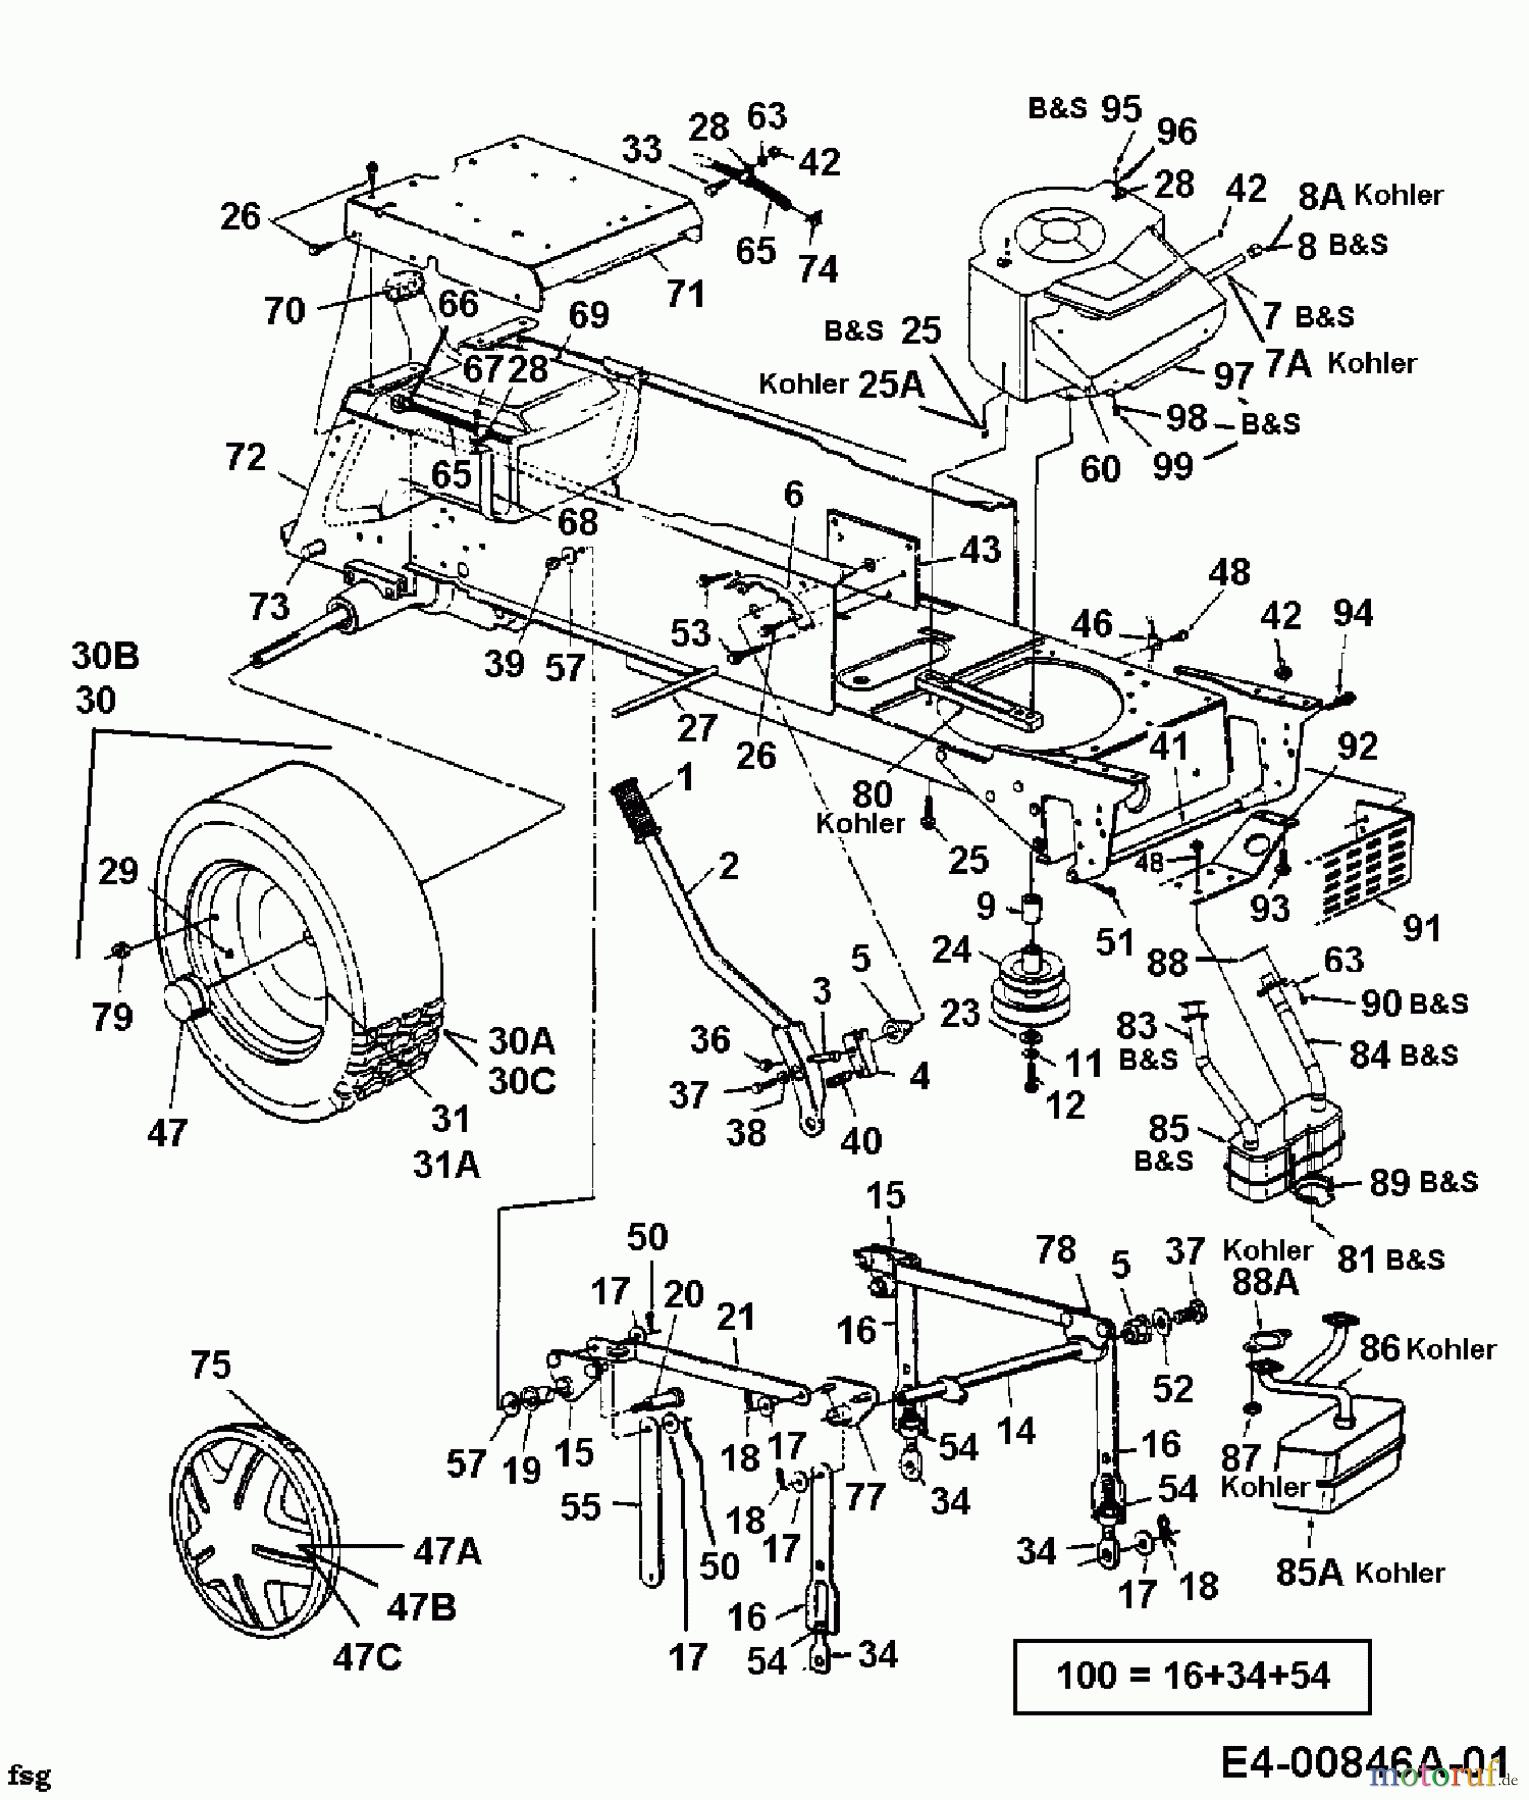 Mtd Tracteurs De Jardin G 185 14Ai848H678 (2000) Relevage ... destiné Chassis Jardin